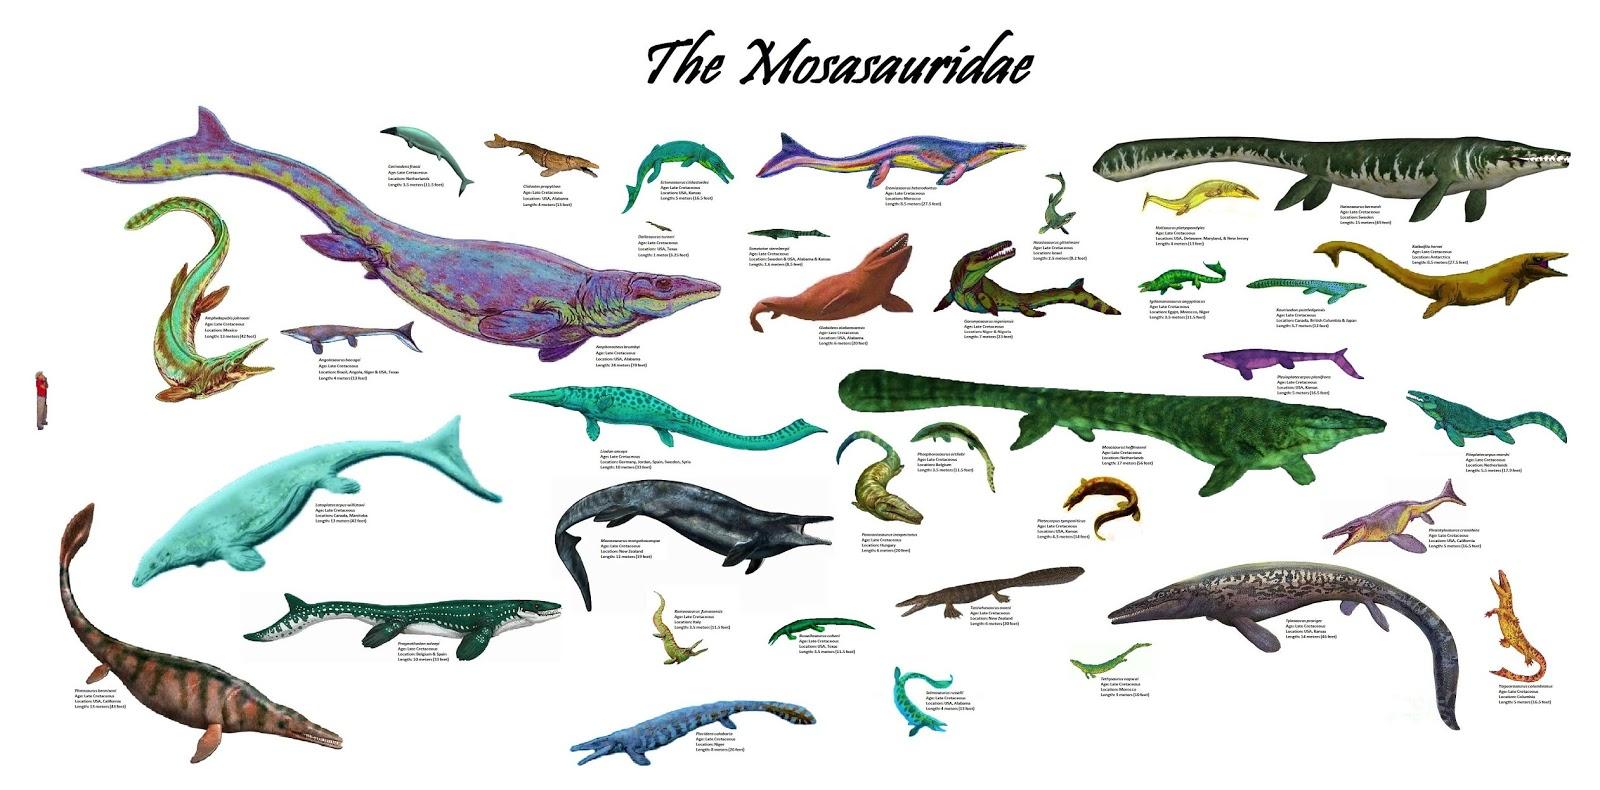 Familia Mosasauridae